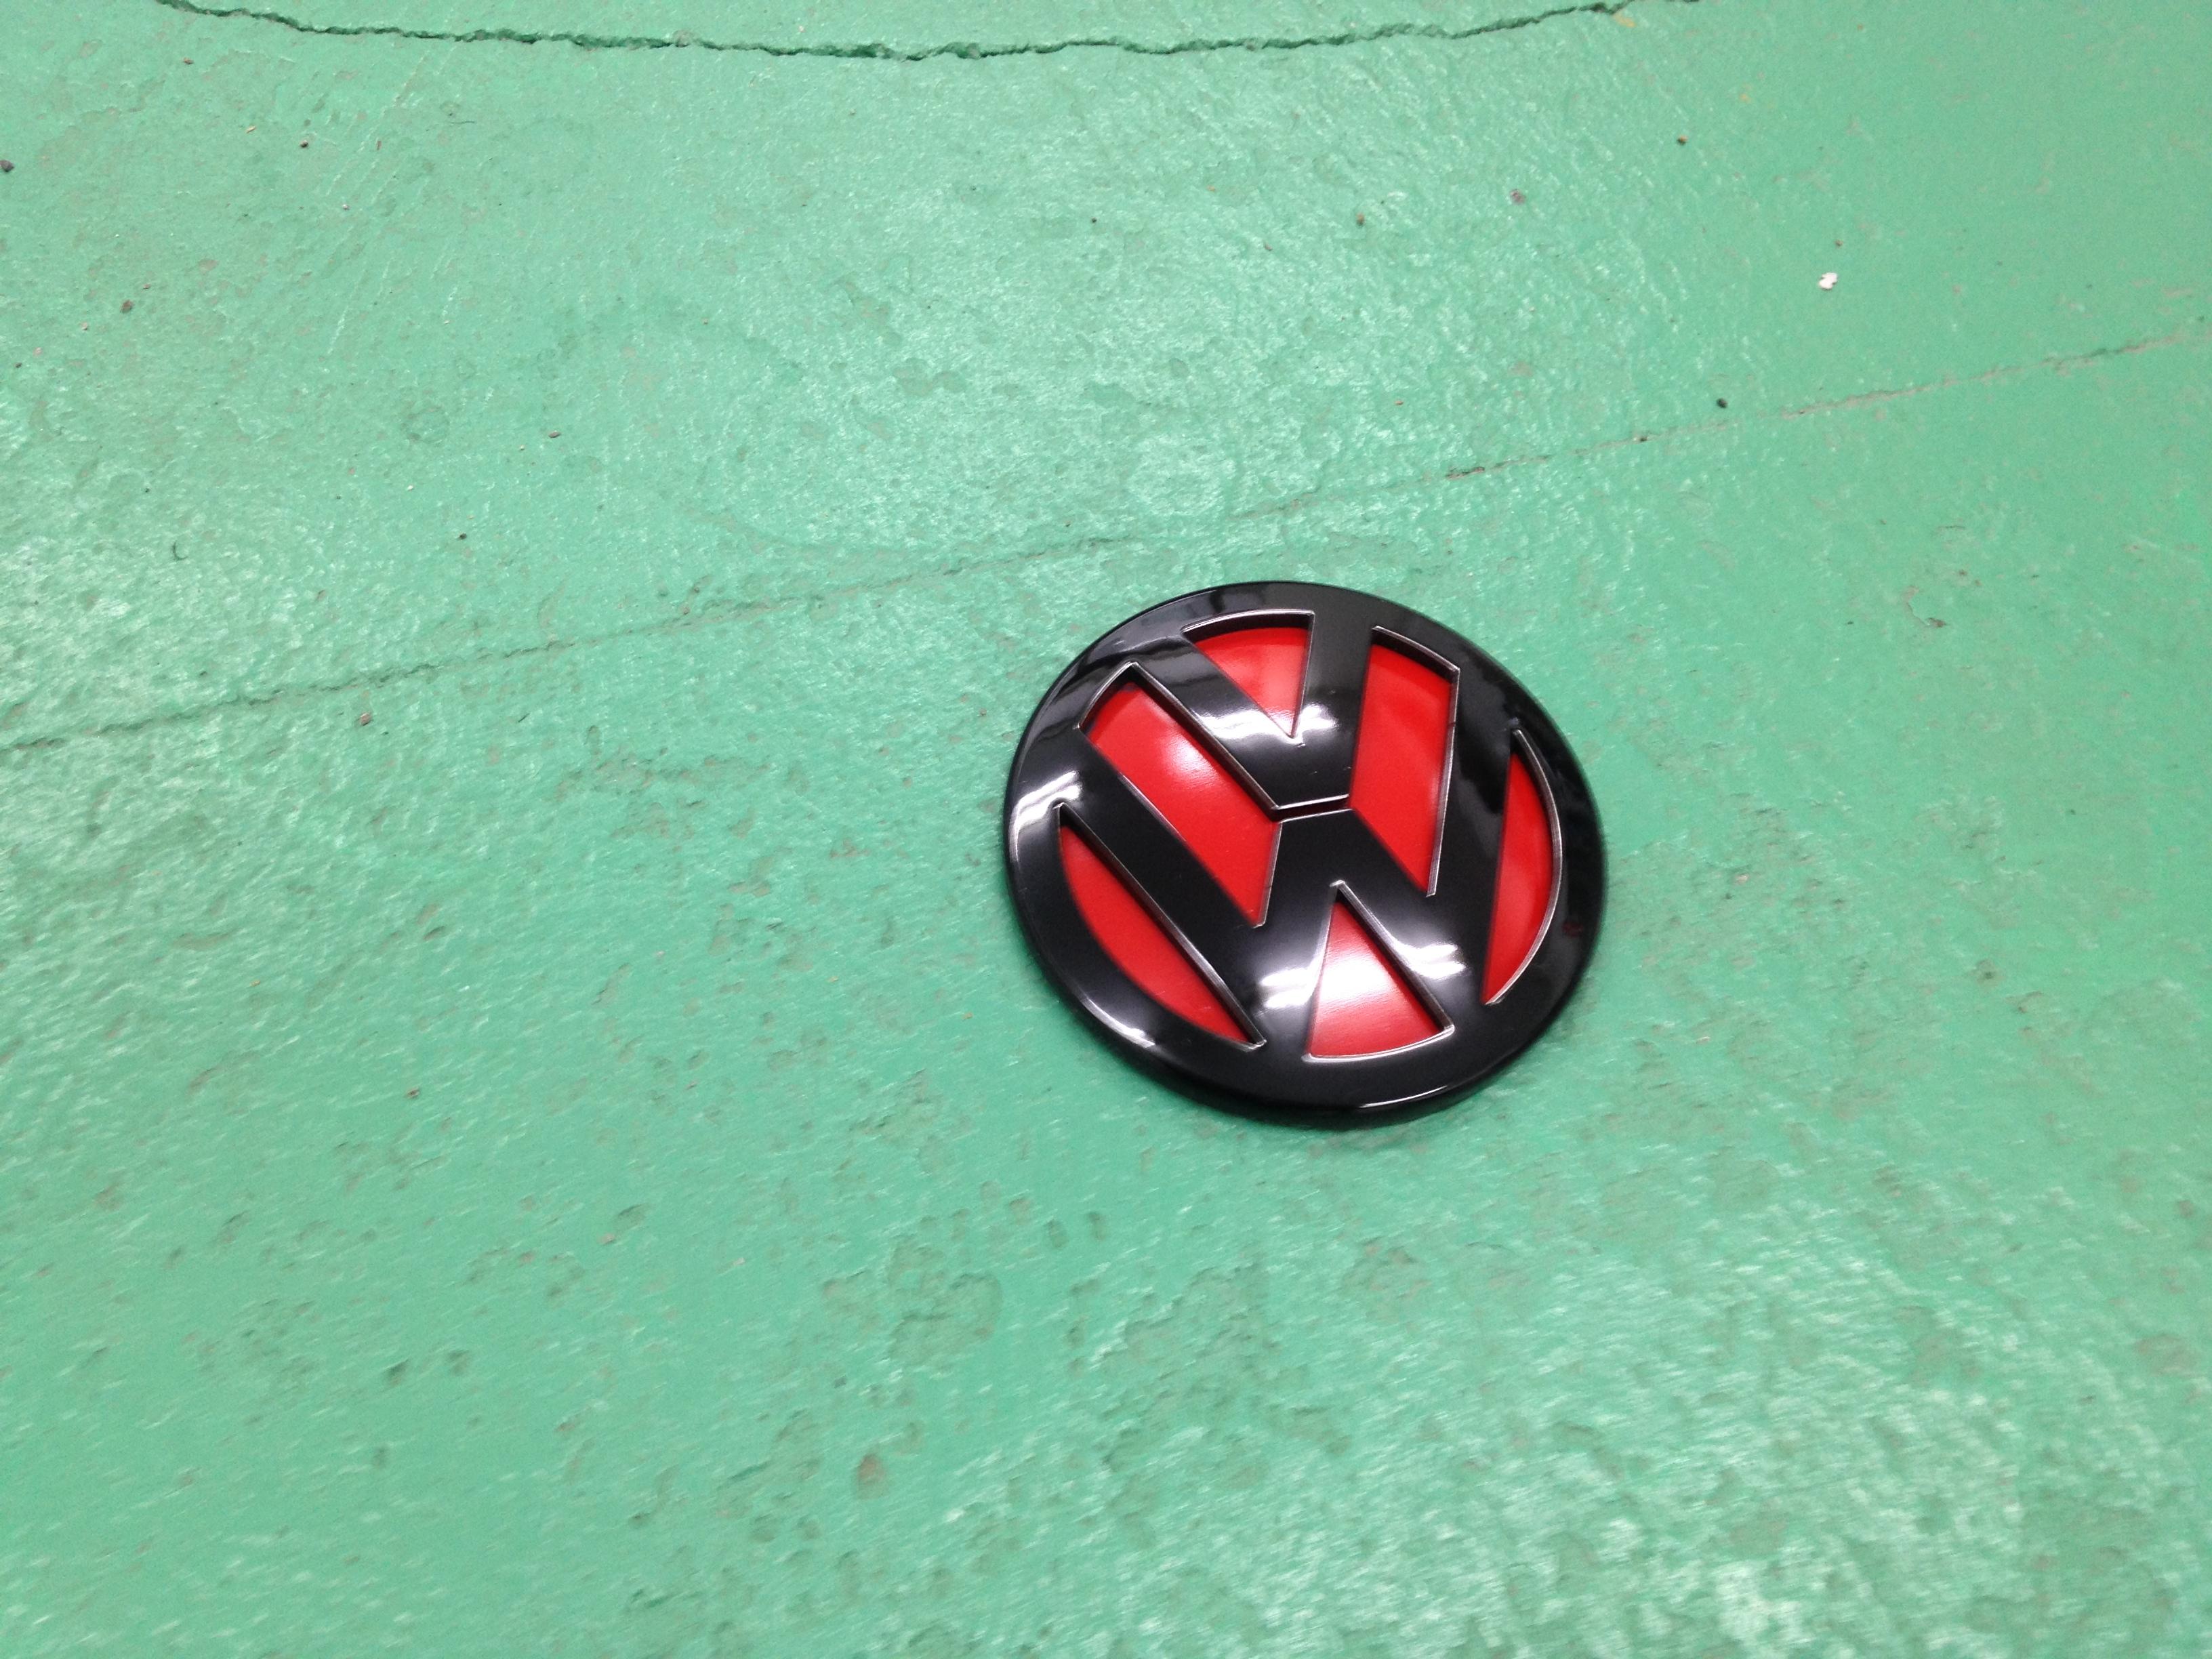 VWフォルクスワーゲンリアエンブレム塗装後